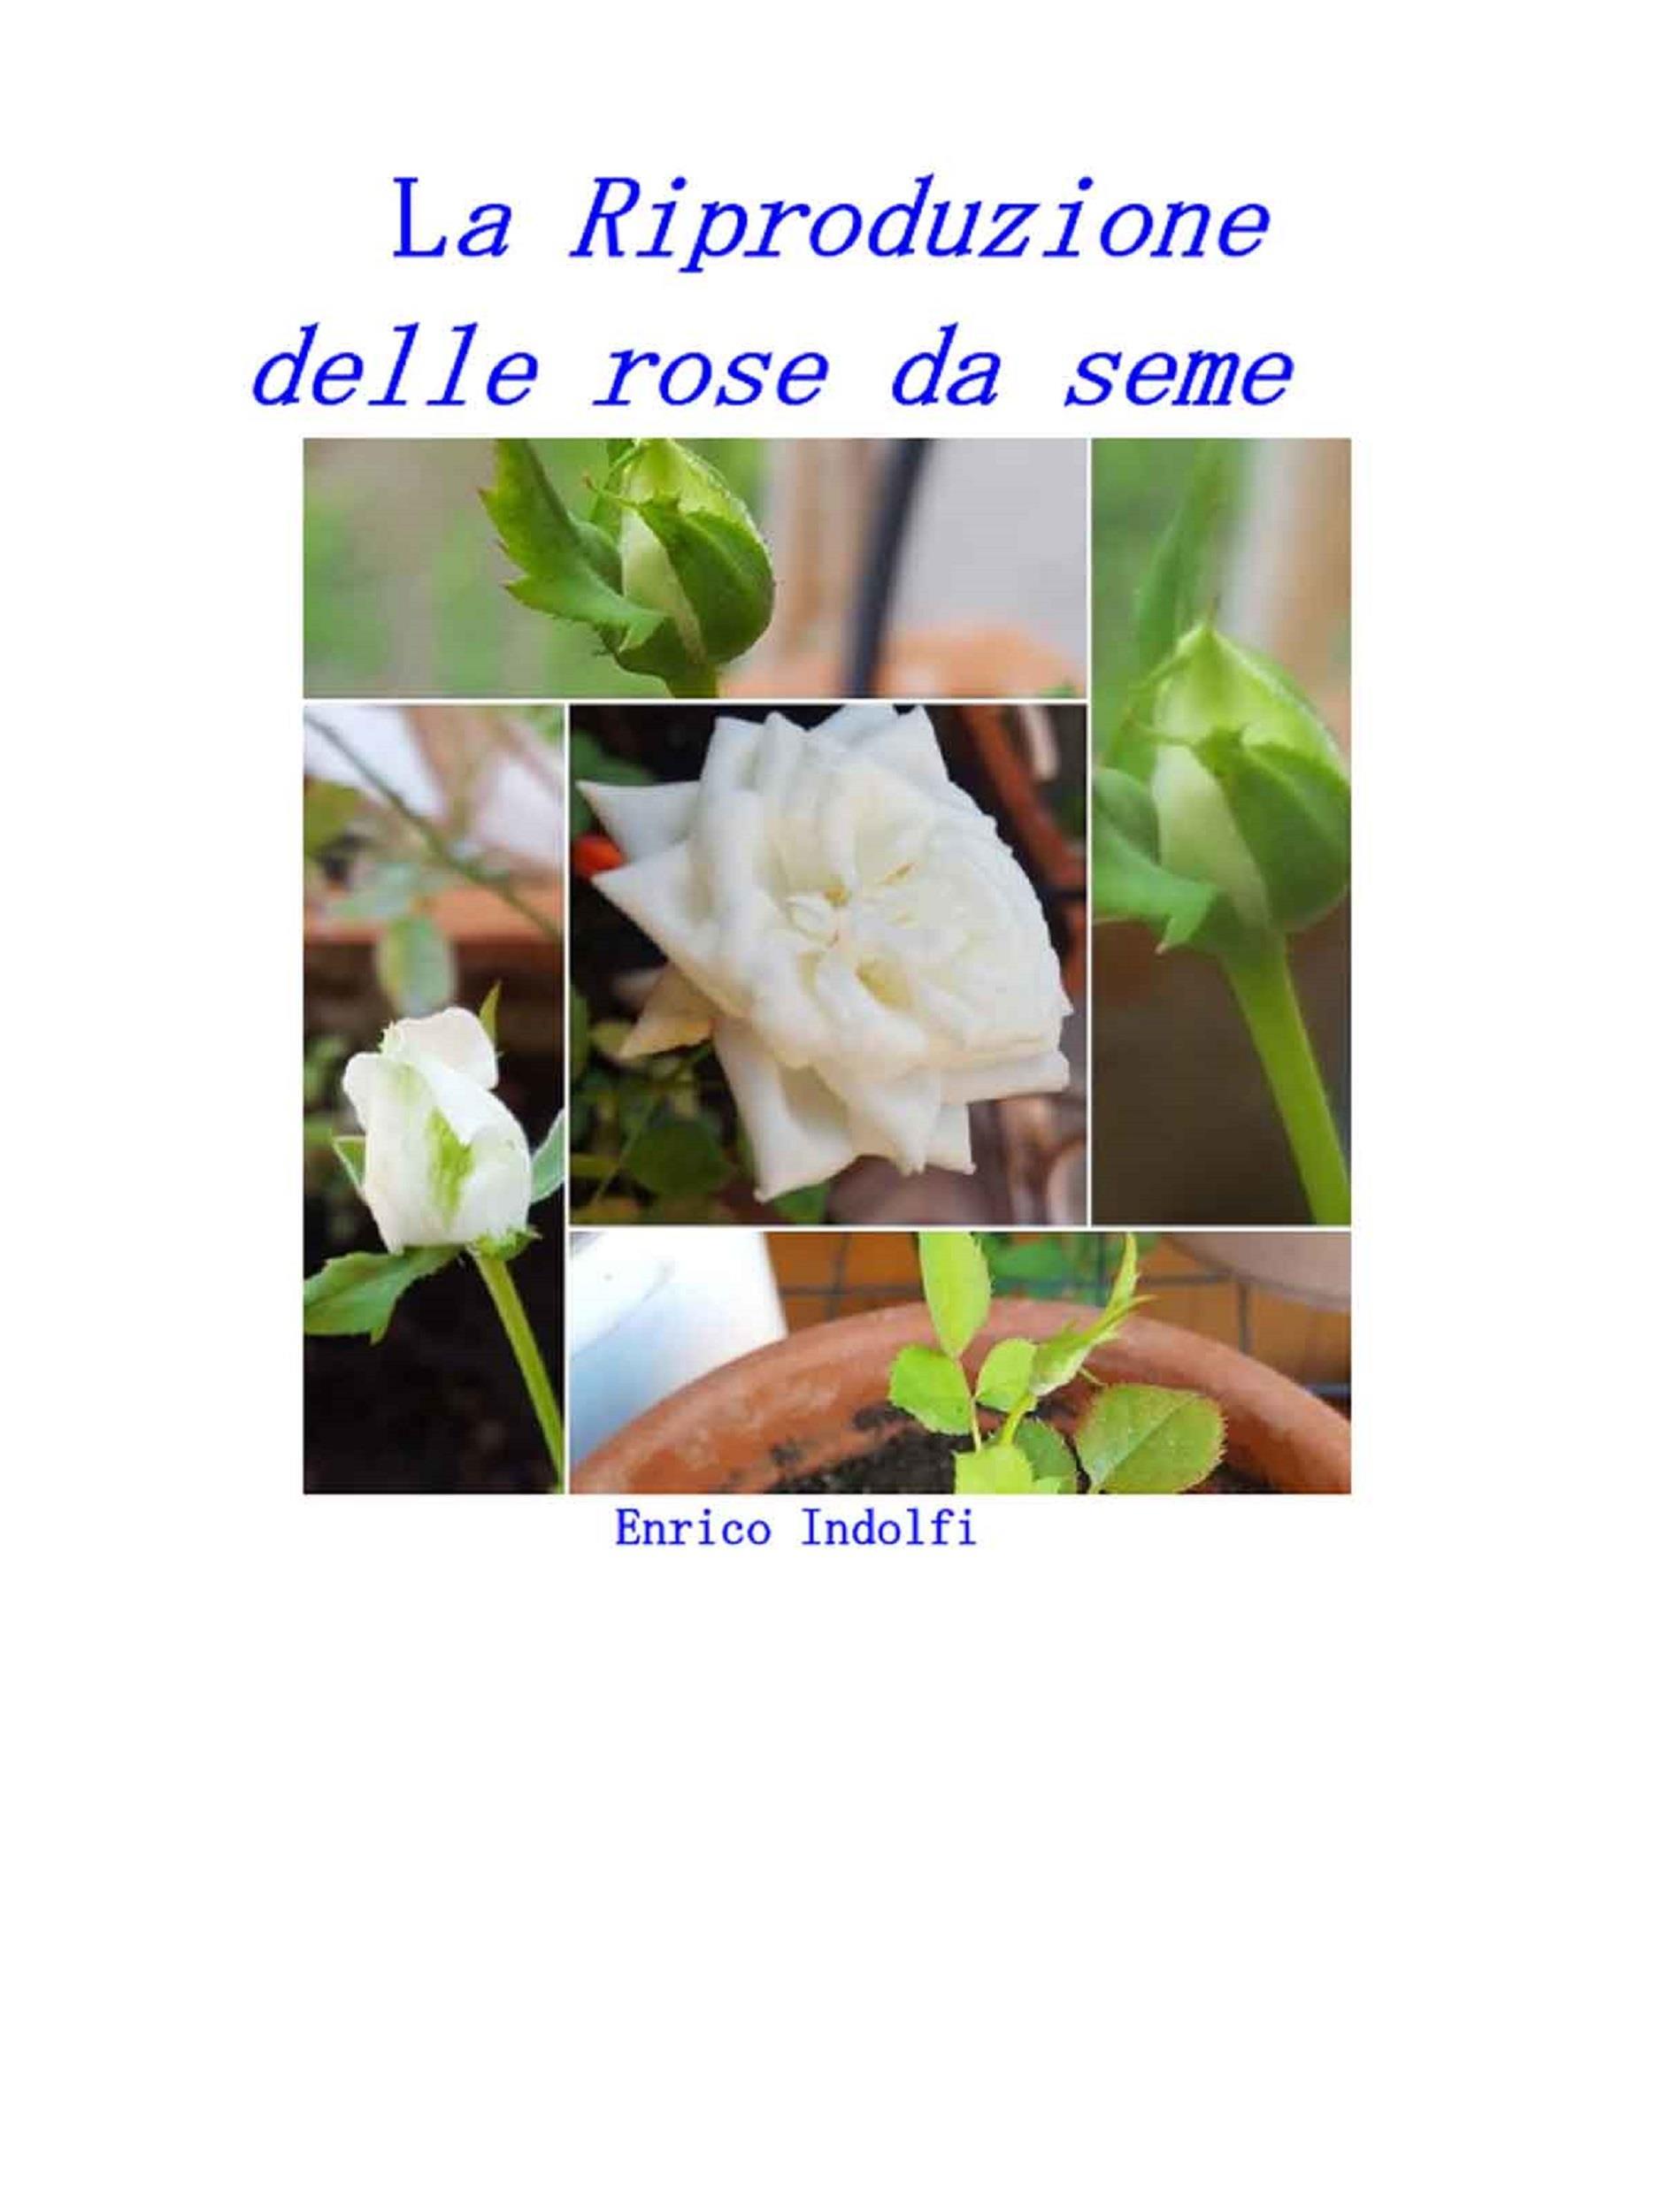 La riproduzione delle rose da seme